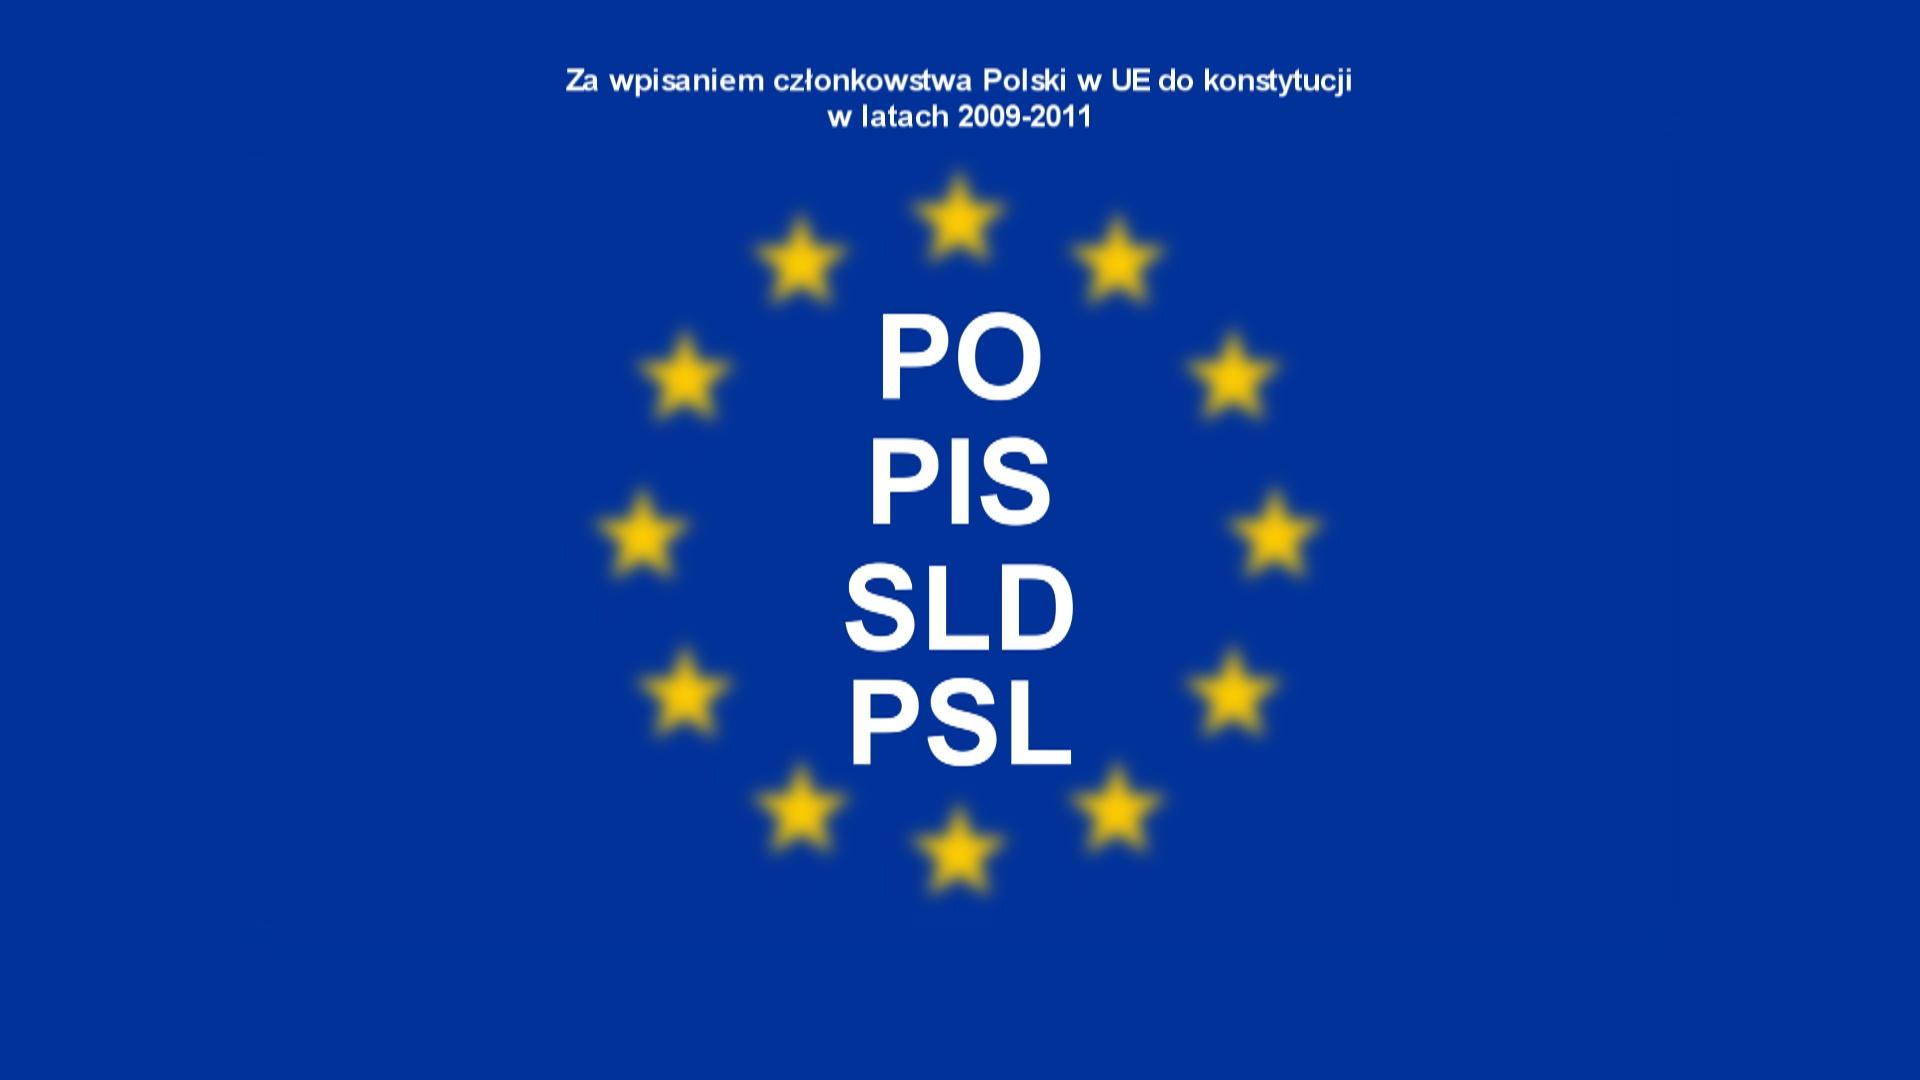 Członkostwo Polski w Unii Europejskiej ma gwarantować konstytucja